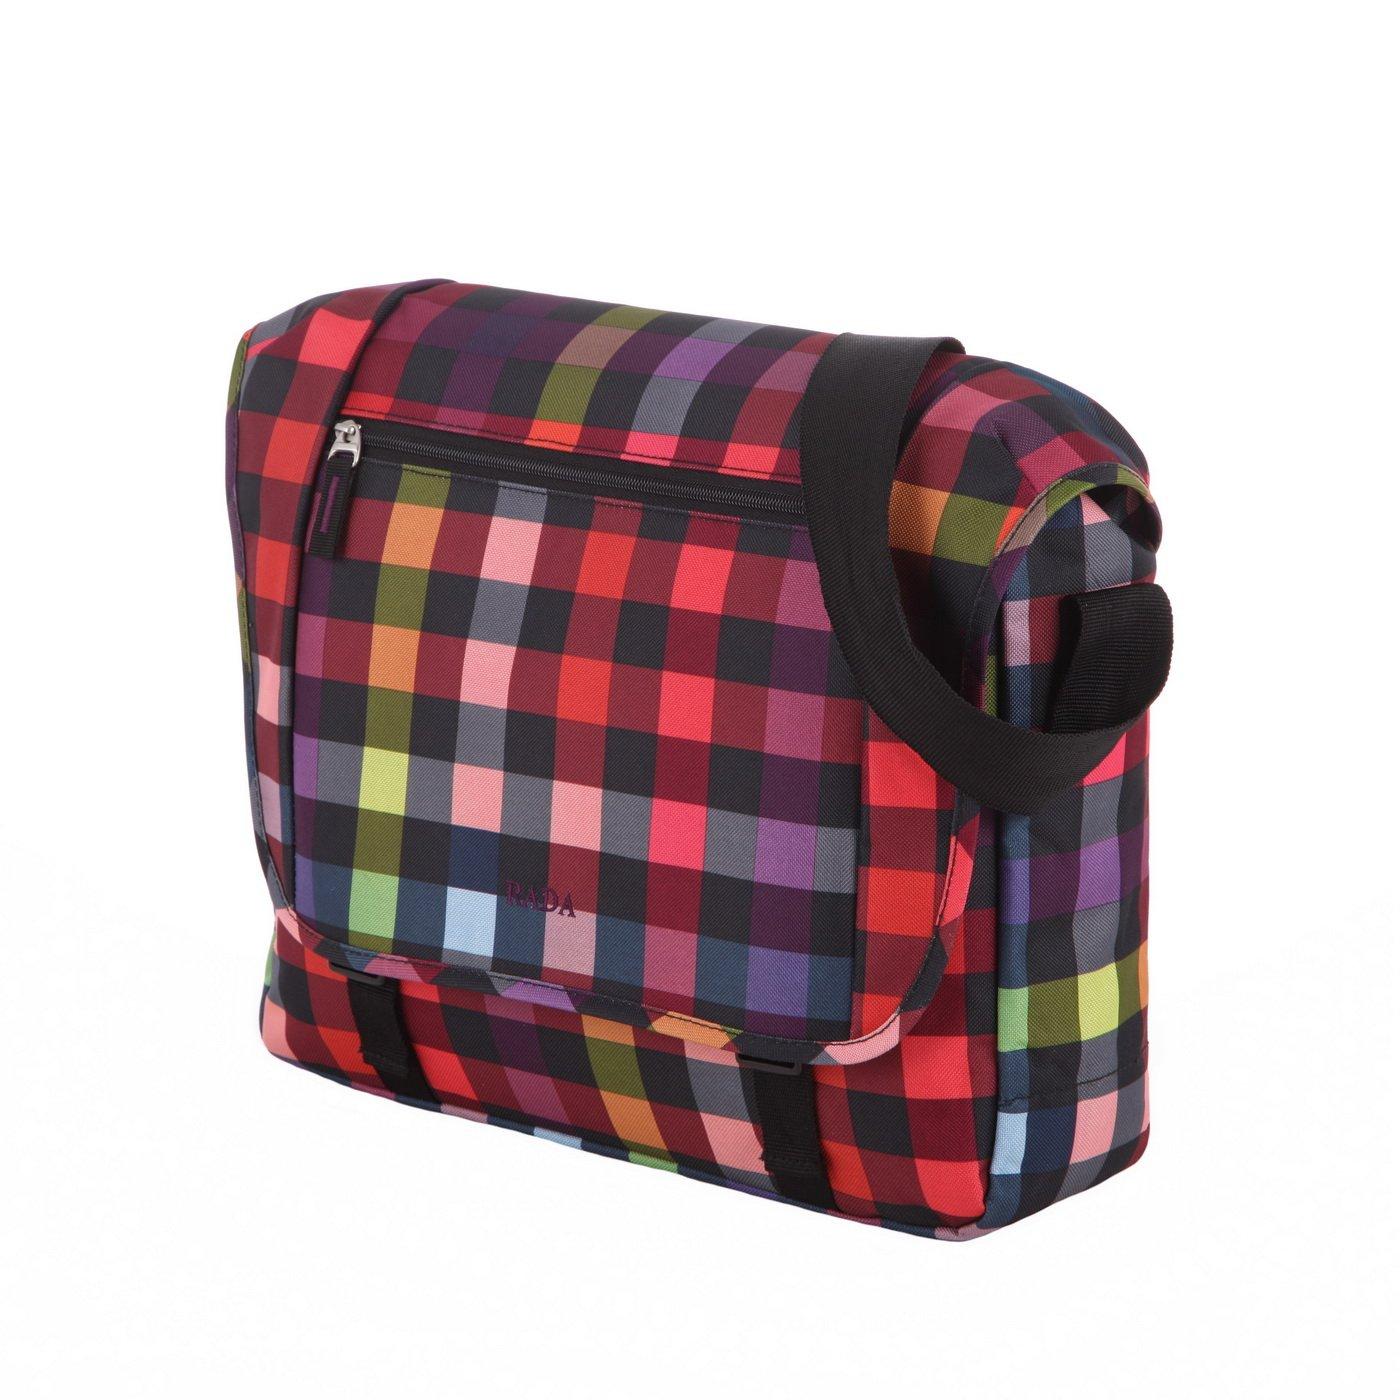 Rada Umhängetasche CT/2/L, Wasserabweisende Laptoptasche für Macbooks und Laptops bis zu 16 Zoll, Umhängetasche für Damen und Herren (Maße: 38x31x9cm) (anthra2tone)